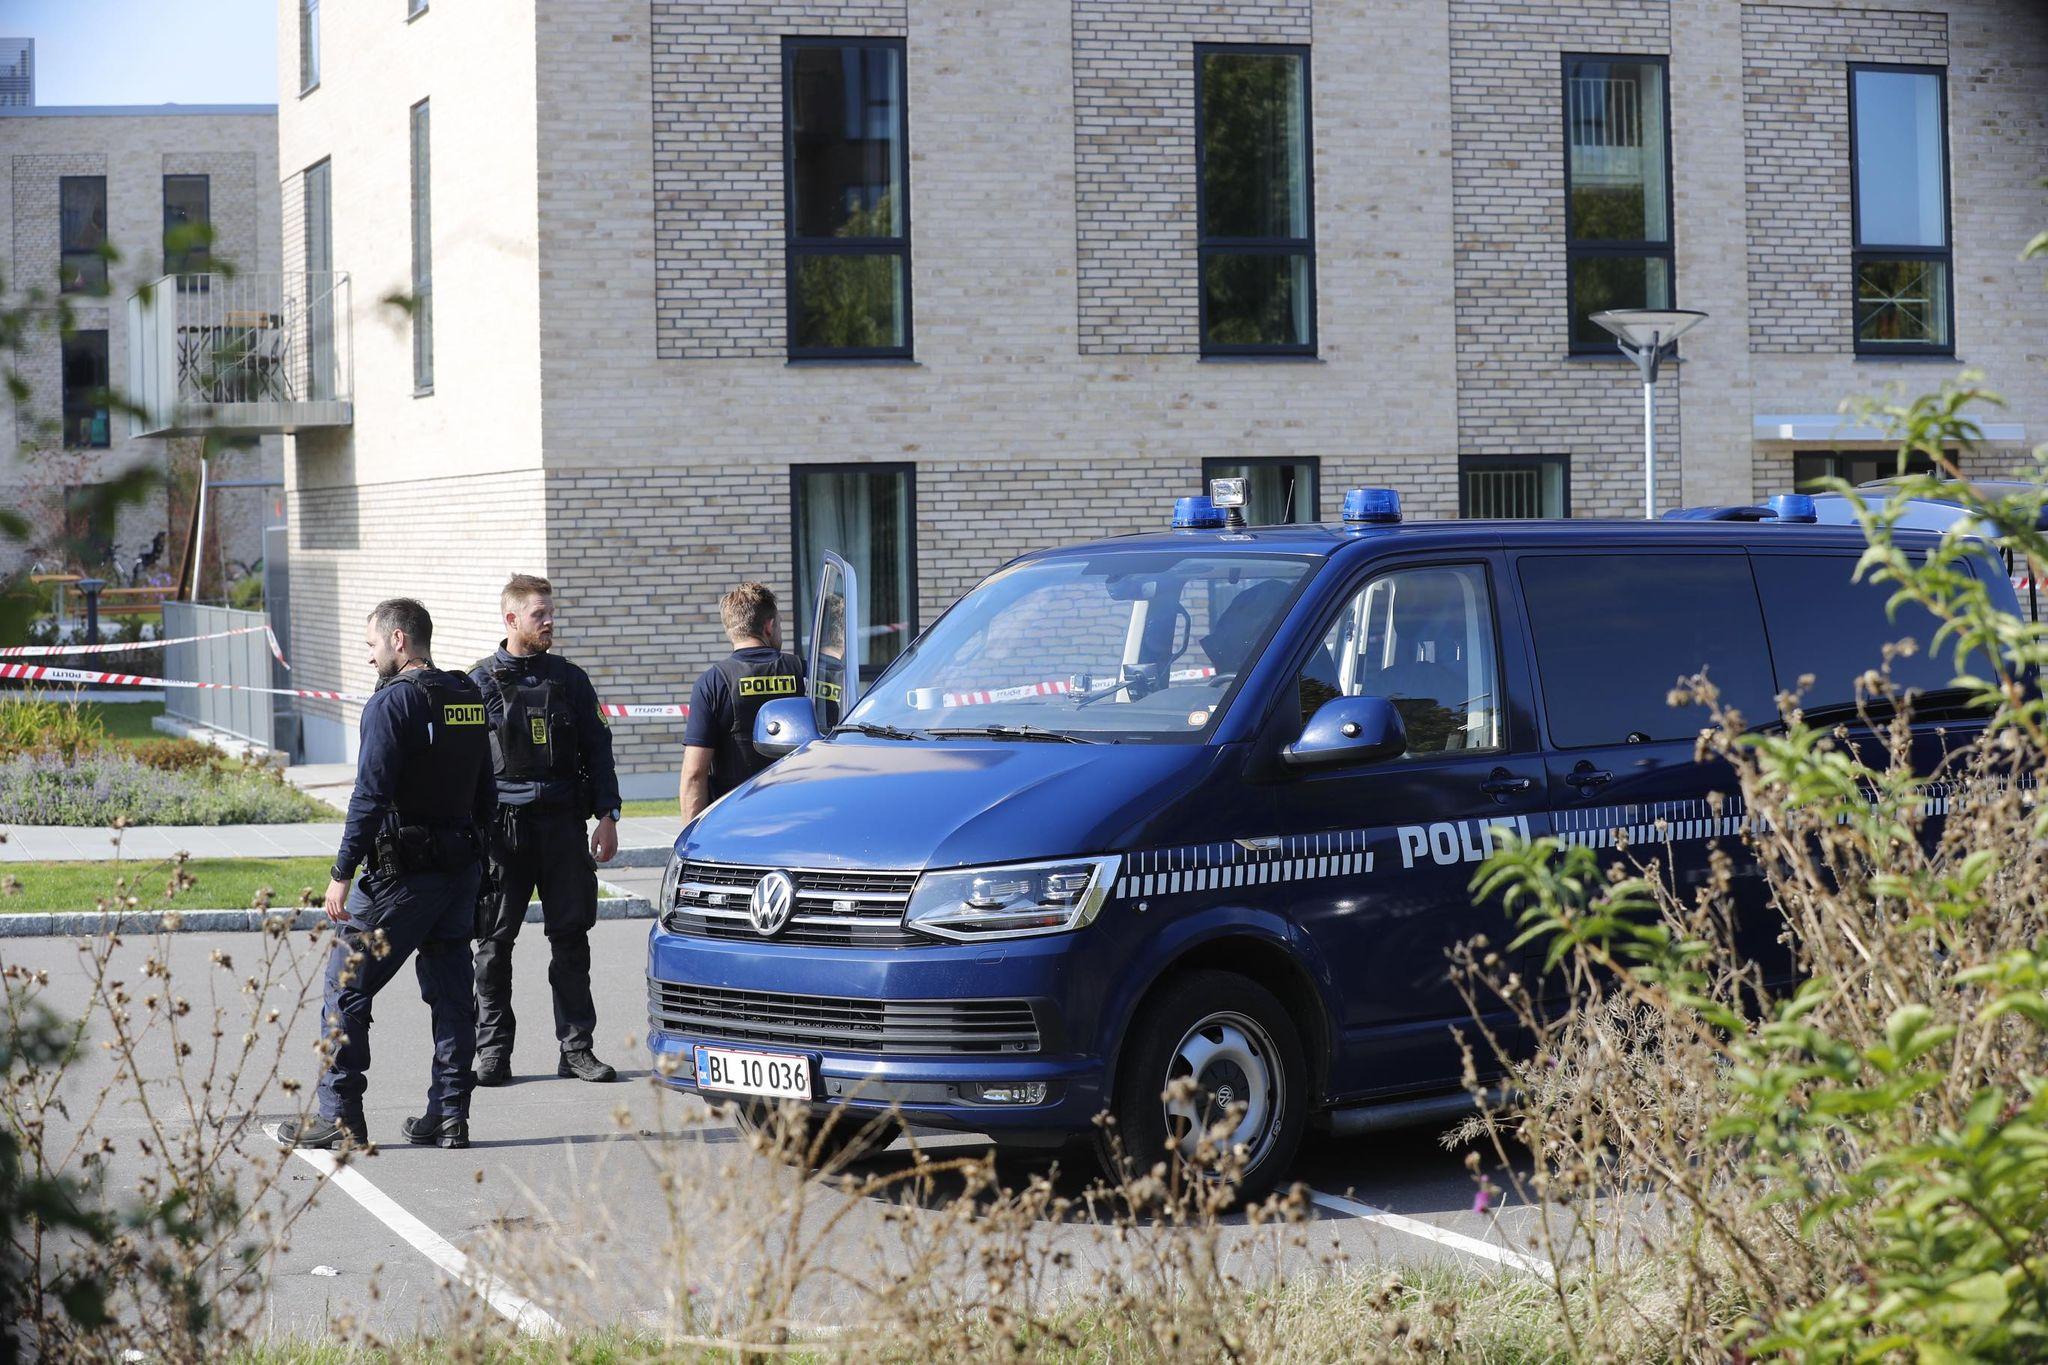 Knivstikkeri i Taastrup - politi massivt til stede ved boligområde